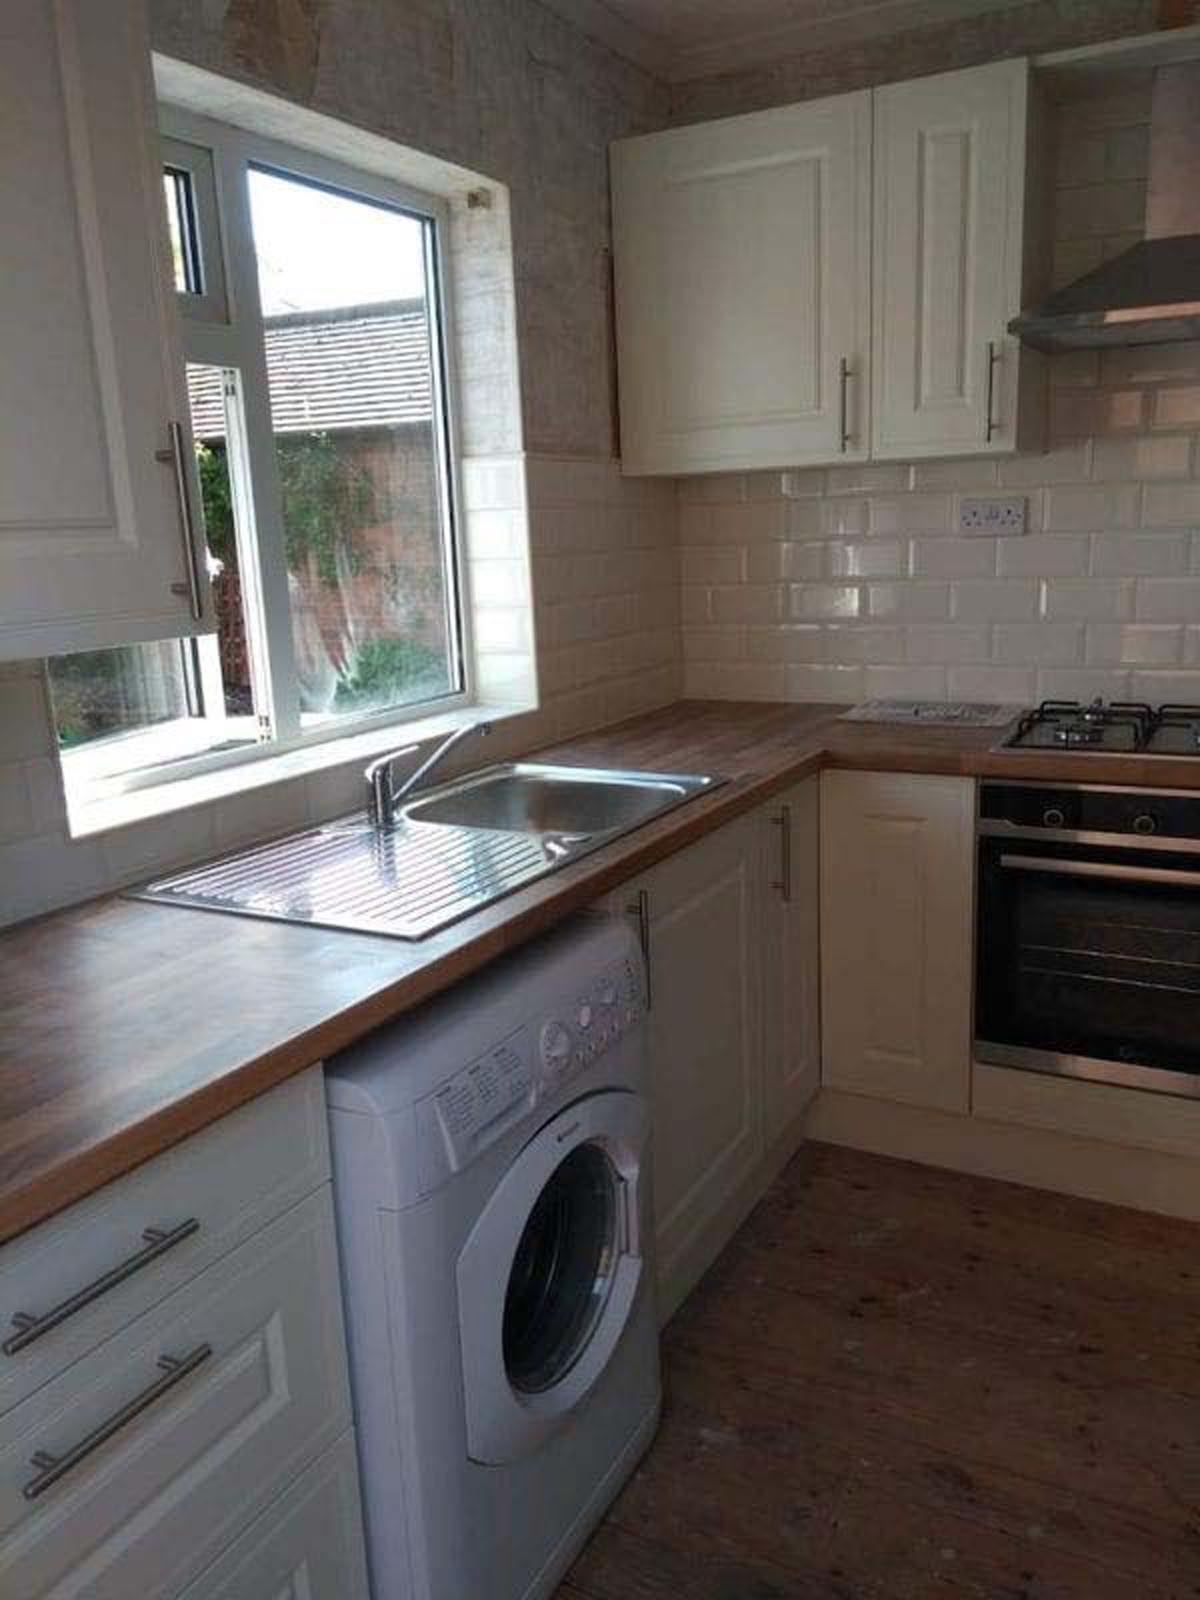 Mr and Mrs Becks Kitchen Installation, Trowell